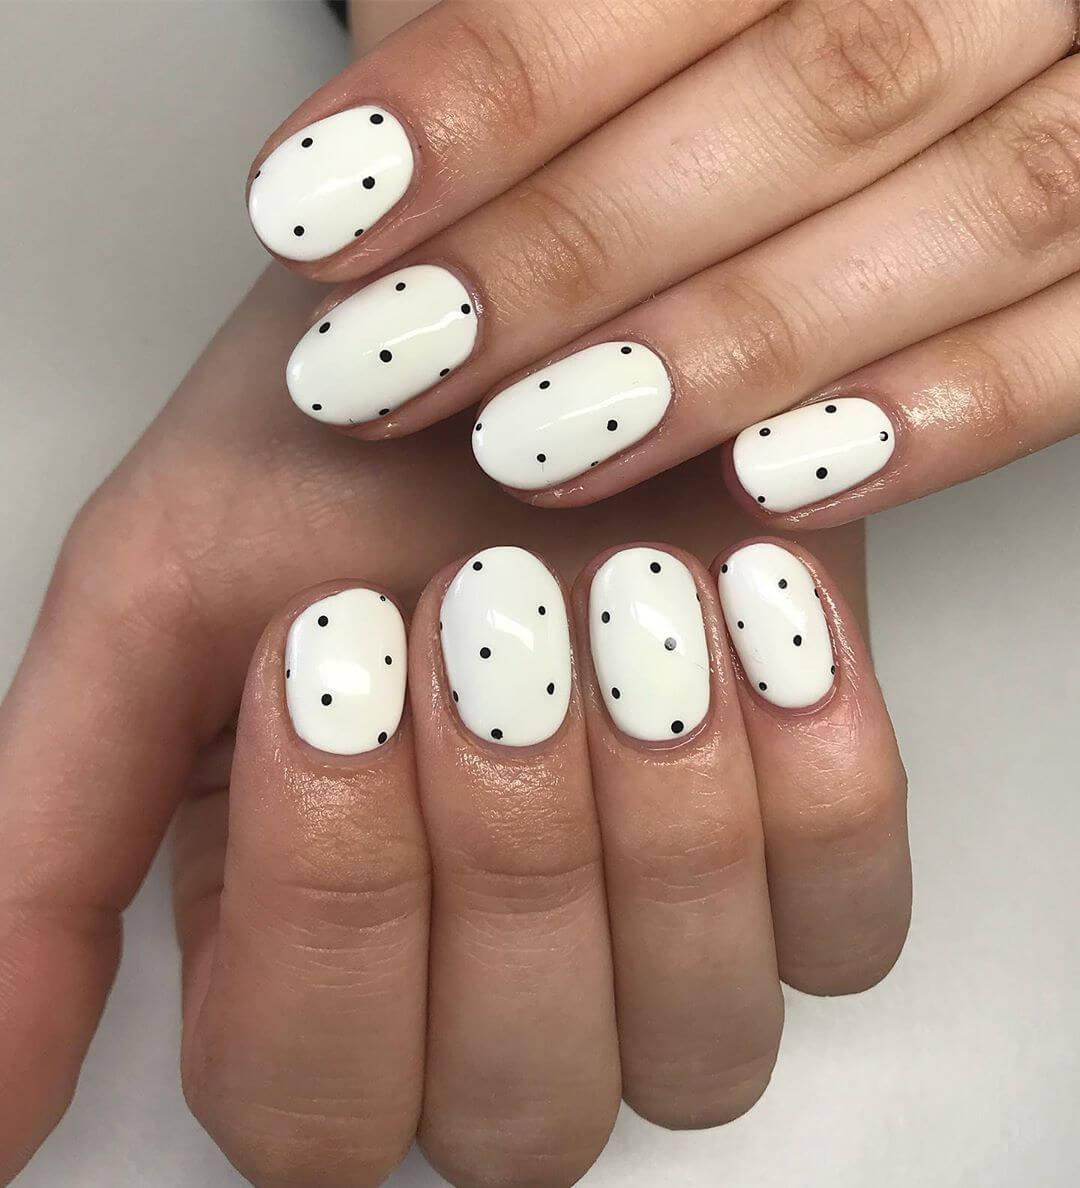 Classy in White Polka Dot Nail Design